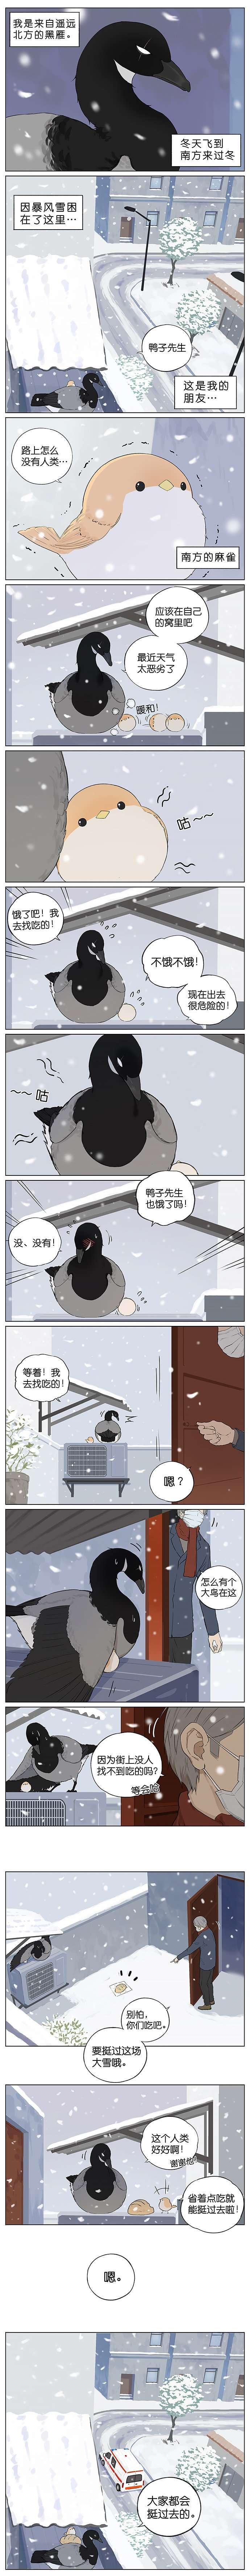 【漫画更新】萌,南方的鸟和北方的鸟~